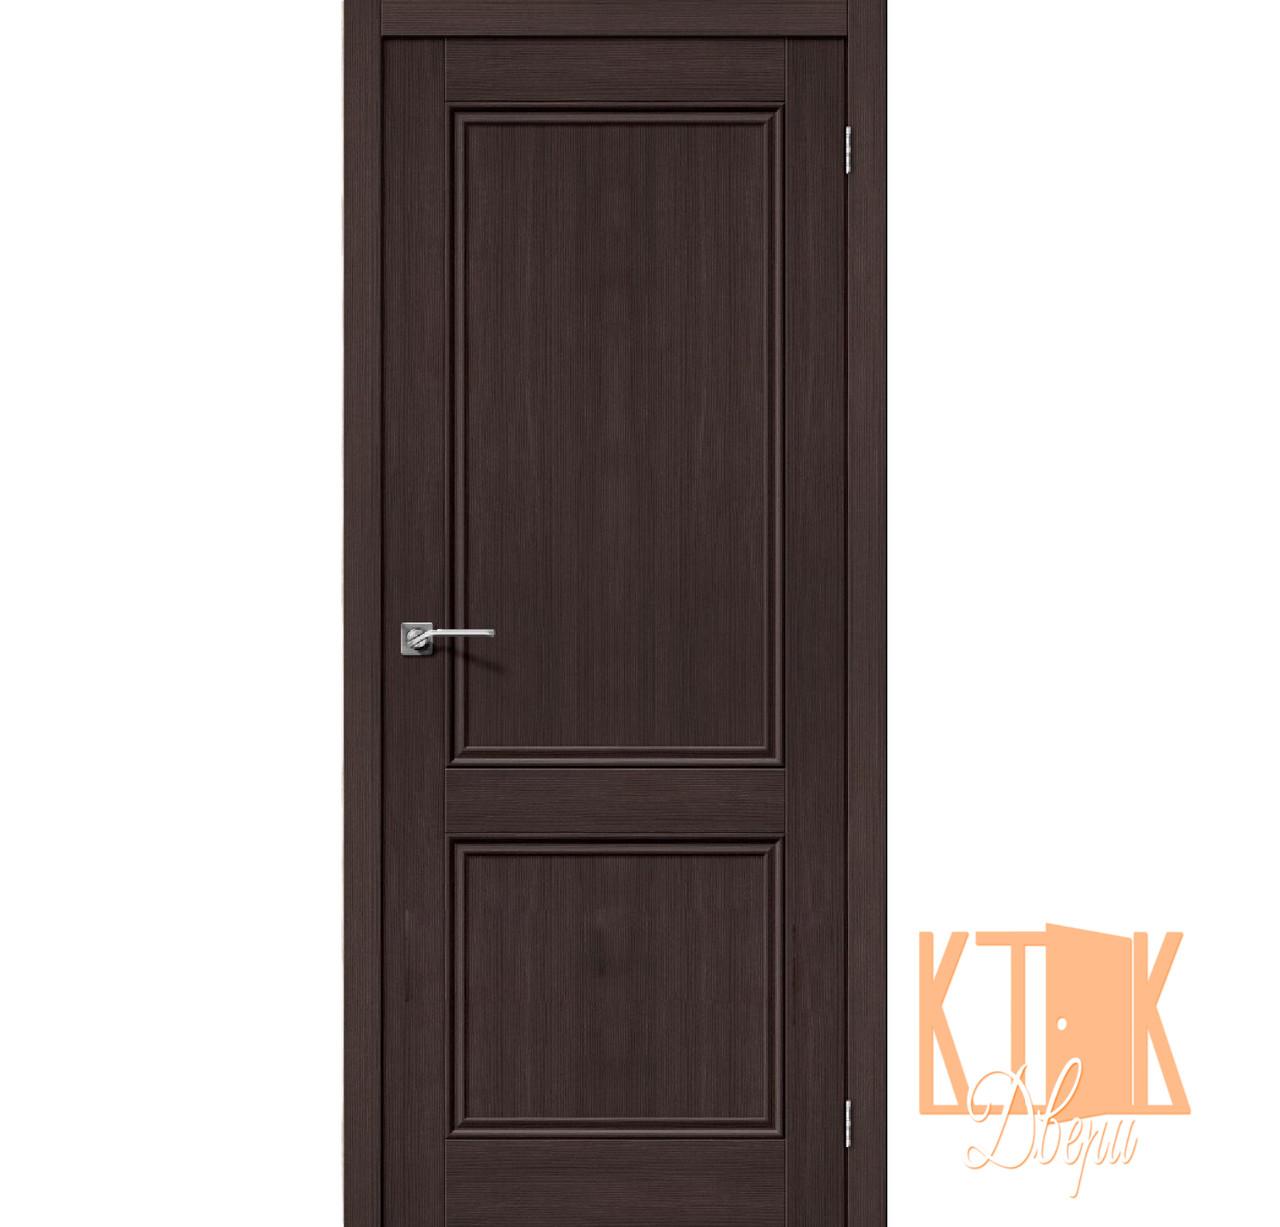 """Межкомнатная дверь ПГ """"Порта 62"""" со стеклом White Crystal серии """"Porta Veralinga"""" (венге)"""